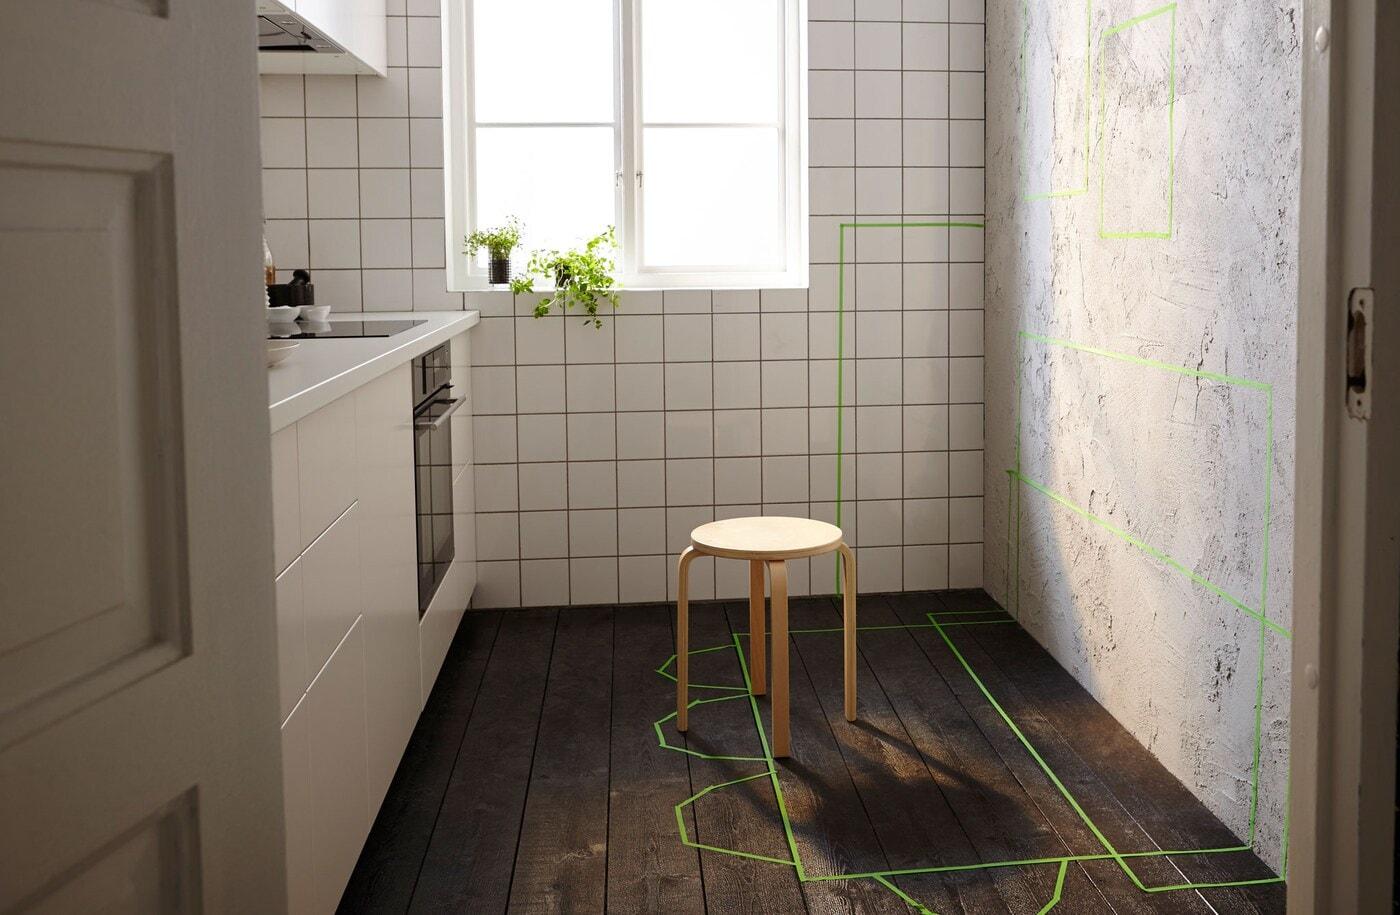 Cocina pequeña con una pared libre y una cinta verde que marca la posición de los futuros muebles de almacenaje, mesas y sillas.